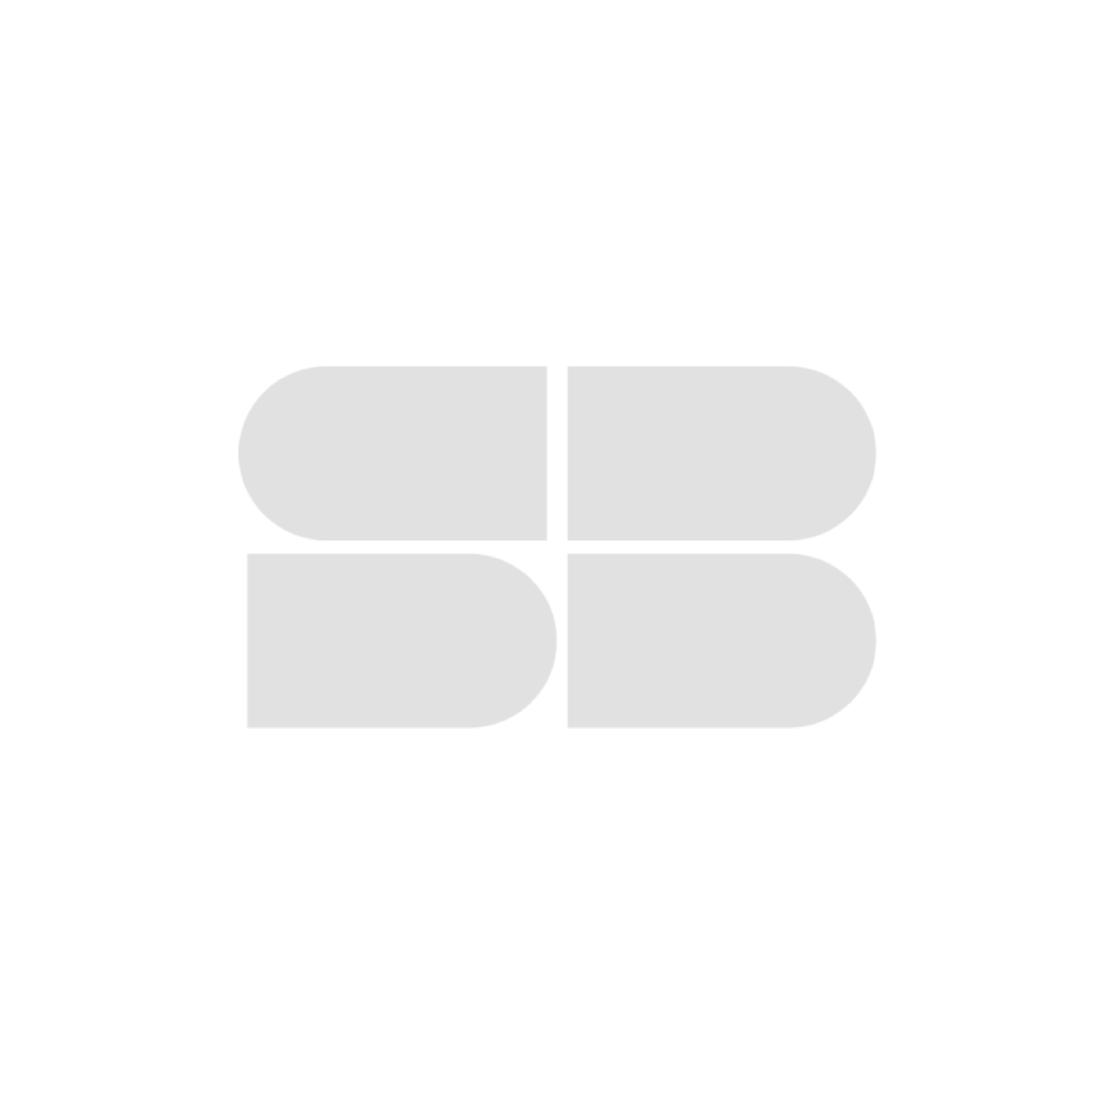 เครื่องฆ่าเชื้อ Xiaomi Pando Electronic Drying Sterilizer สีขาว1